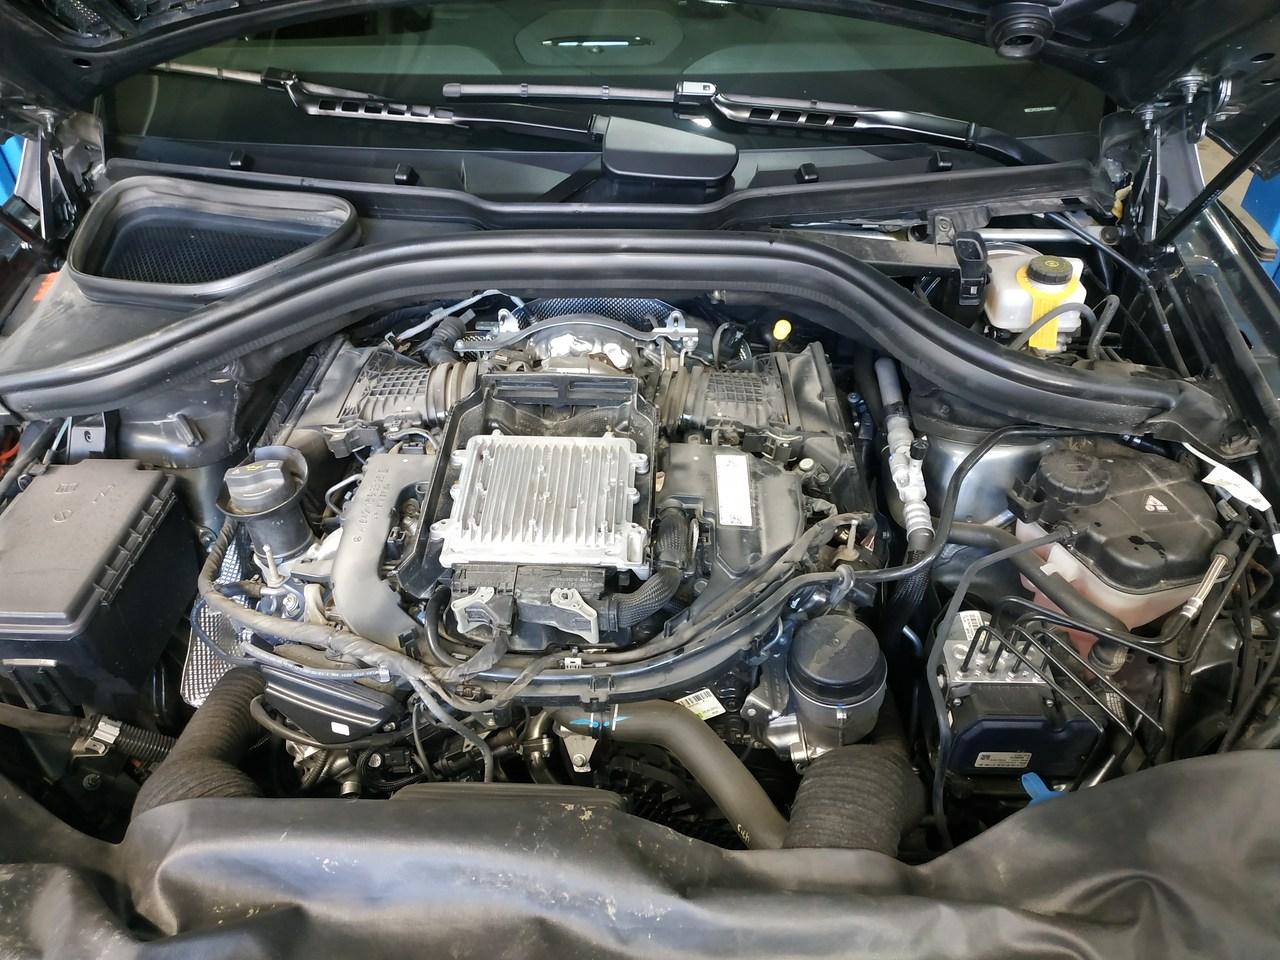 Mercedes  GLE 350 D, двигатель дизельный 3.0 л